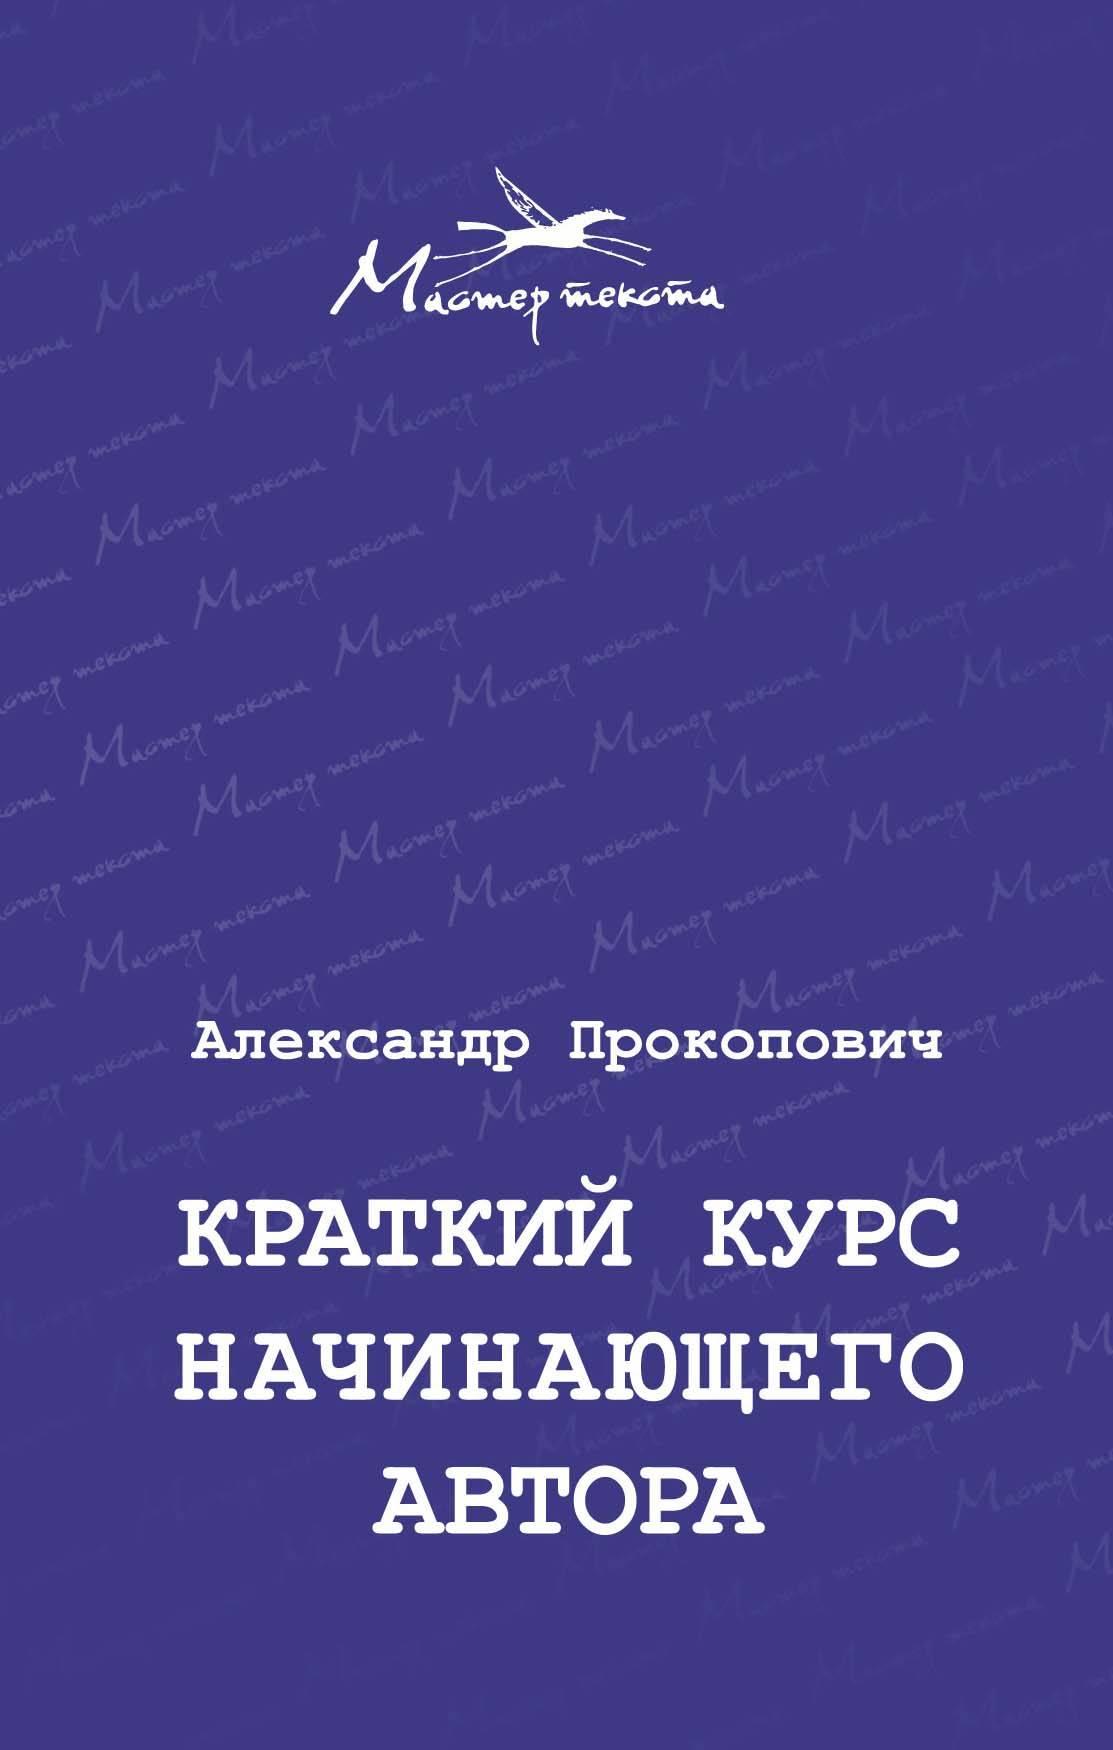 Краткий курс начинающего автора. Александр Прокопович